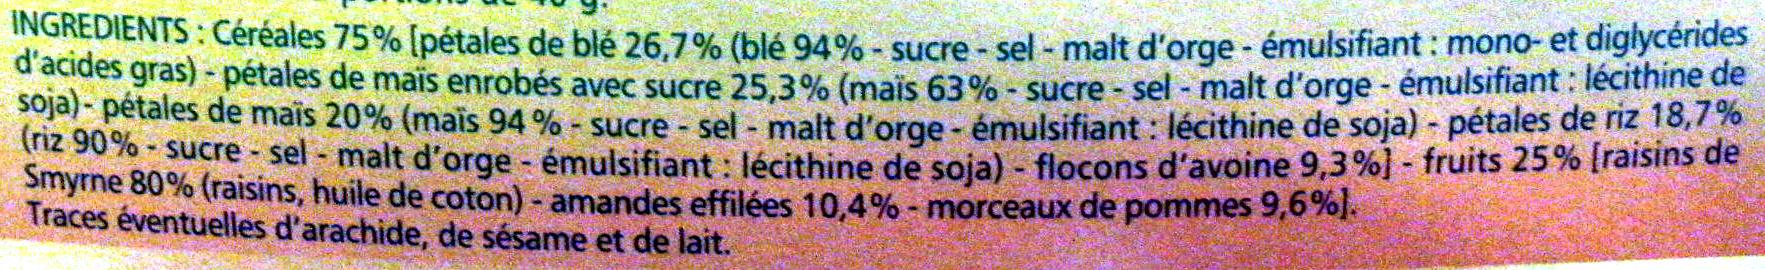 Muesli aux 4 céréales et aux fruits - Ingredients - fr